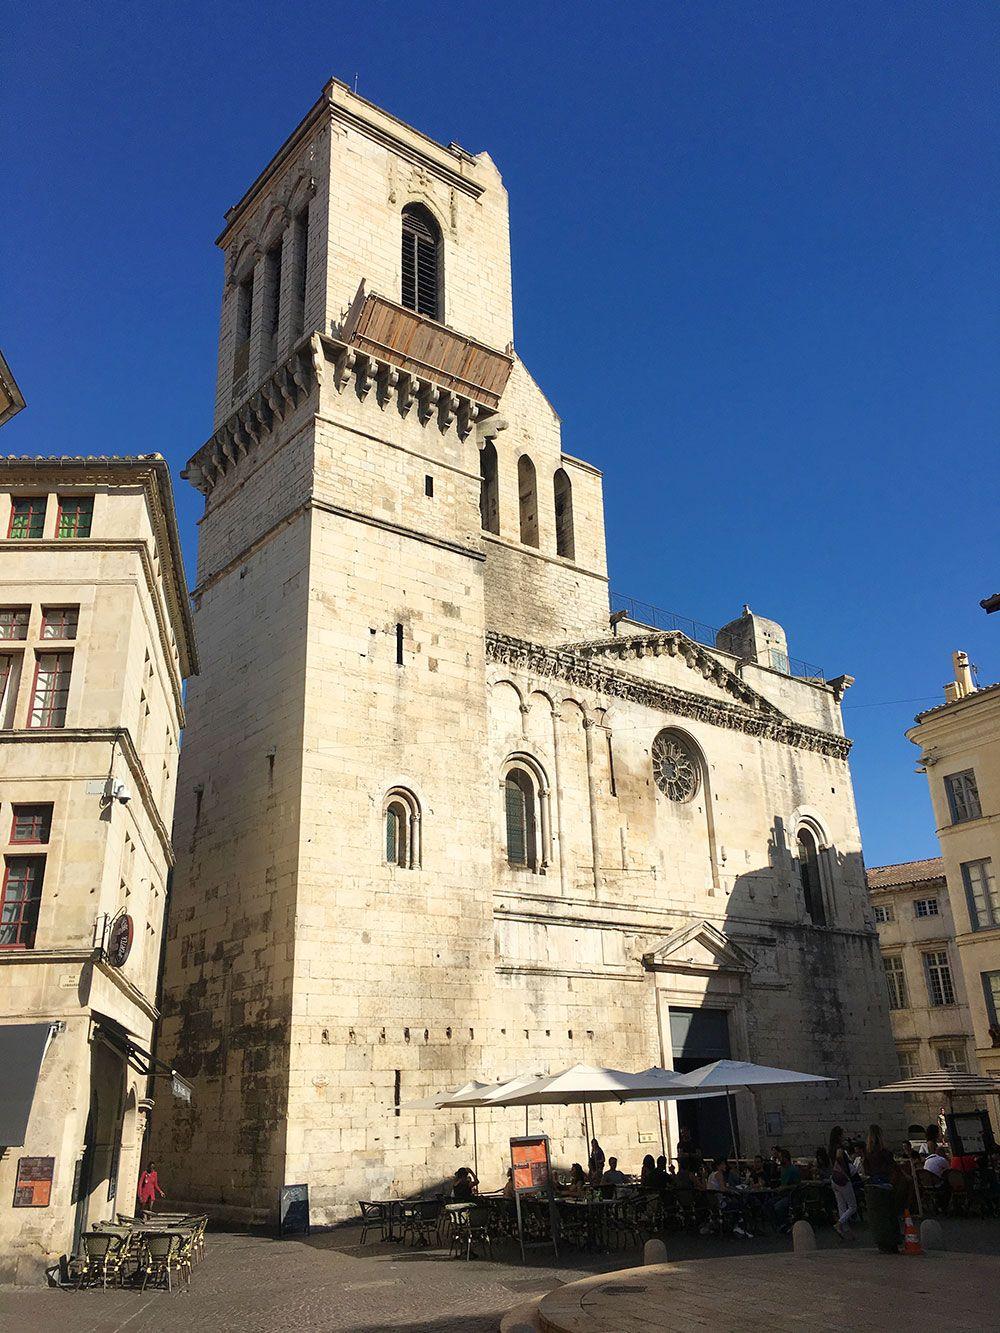 Escapadas en tren desde Barcelona al Sur de Francia - Nîmes - Catedral